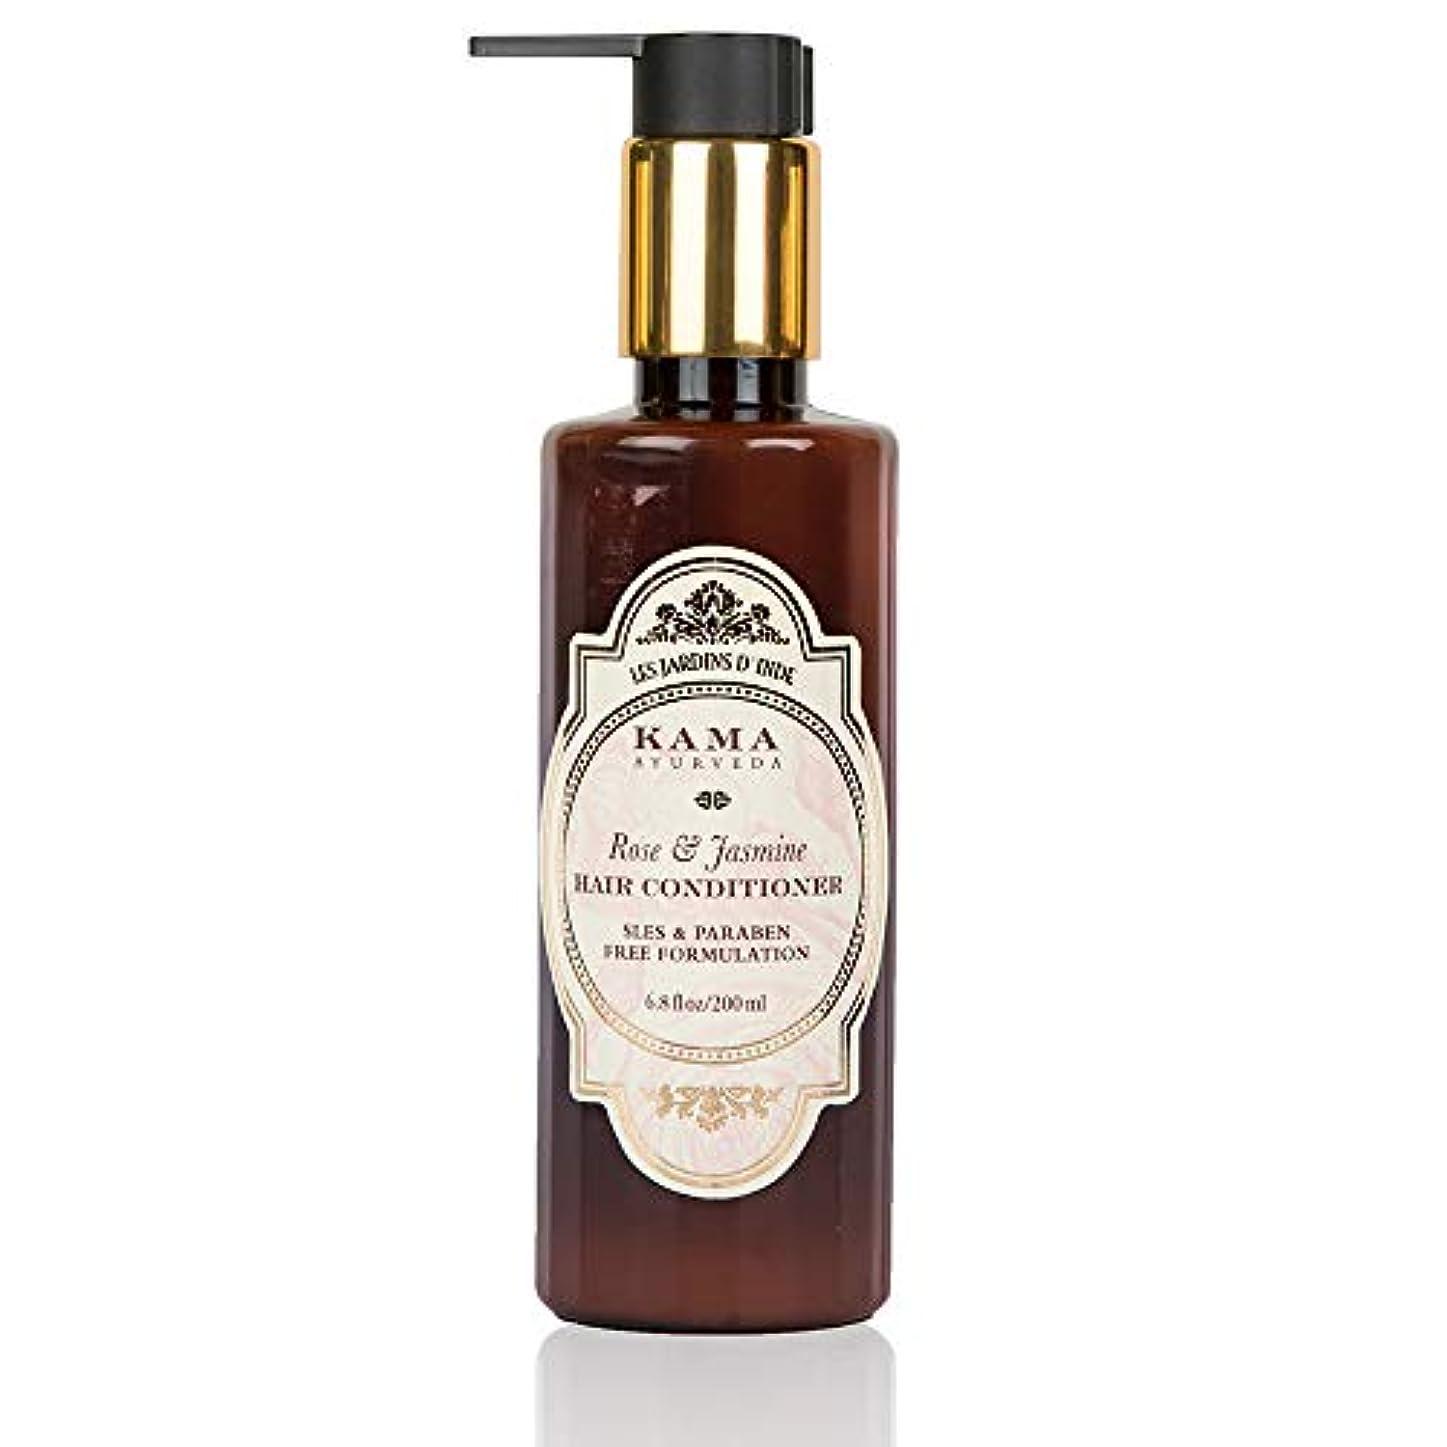 減衰境界非難KAMA AYURVEDA ローズ&ジャスミン ヘアコンディショナー Rose & Jasmine Hair Conditioner 200ml